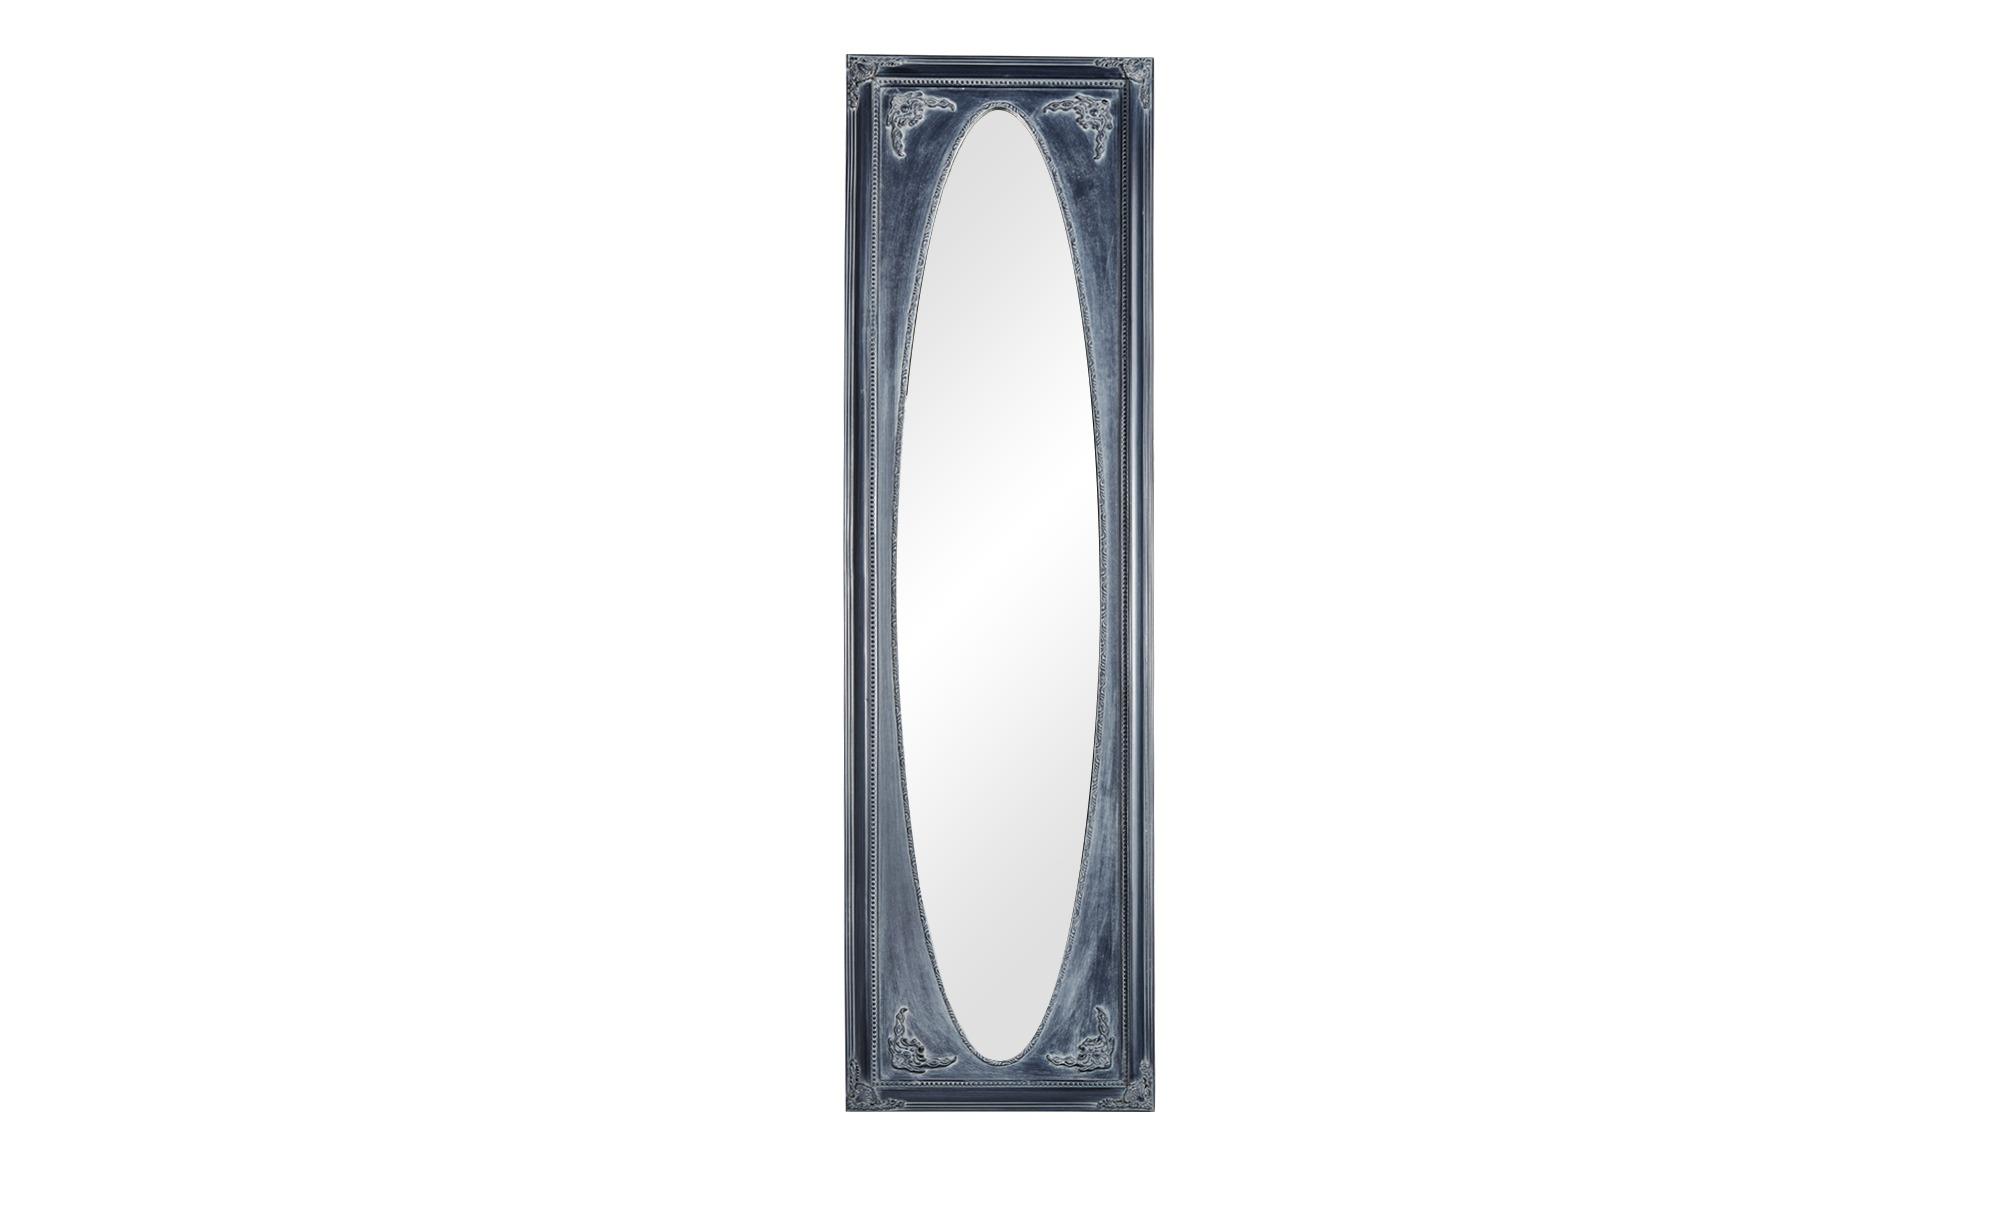 Standspiegel  Volpino ¦ grau ¦ Maße (cm): B: 46 H: 166 T: 3 Dekoration > Spiegel - Höffner | Flur & Diele > Spiegel > Standspiegel | Möbel Höffner DE